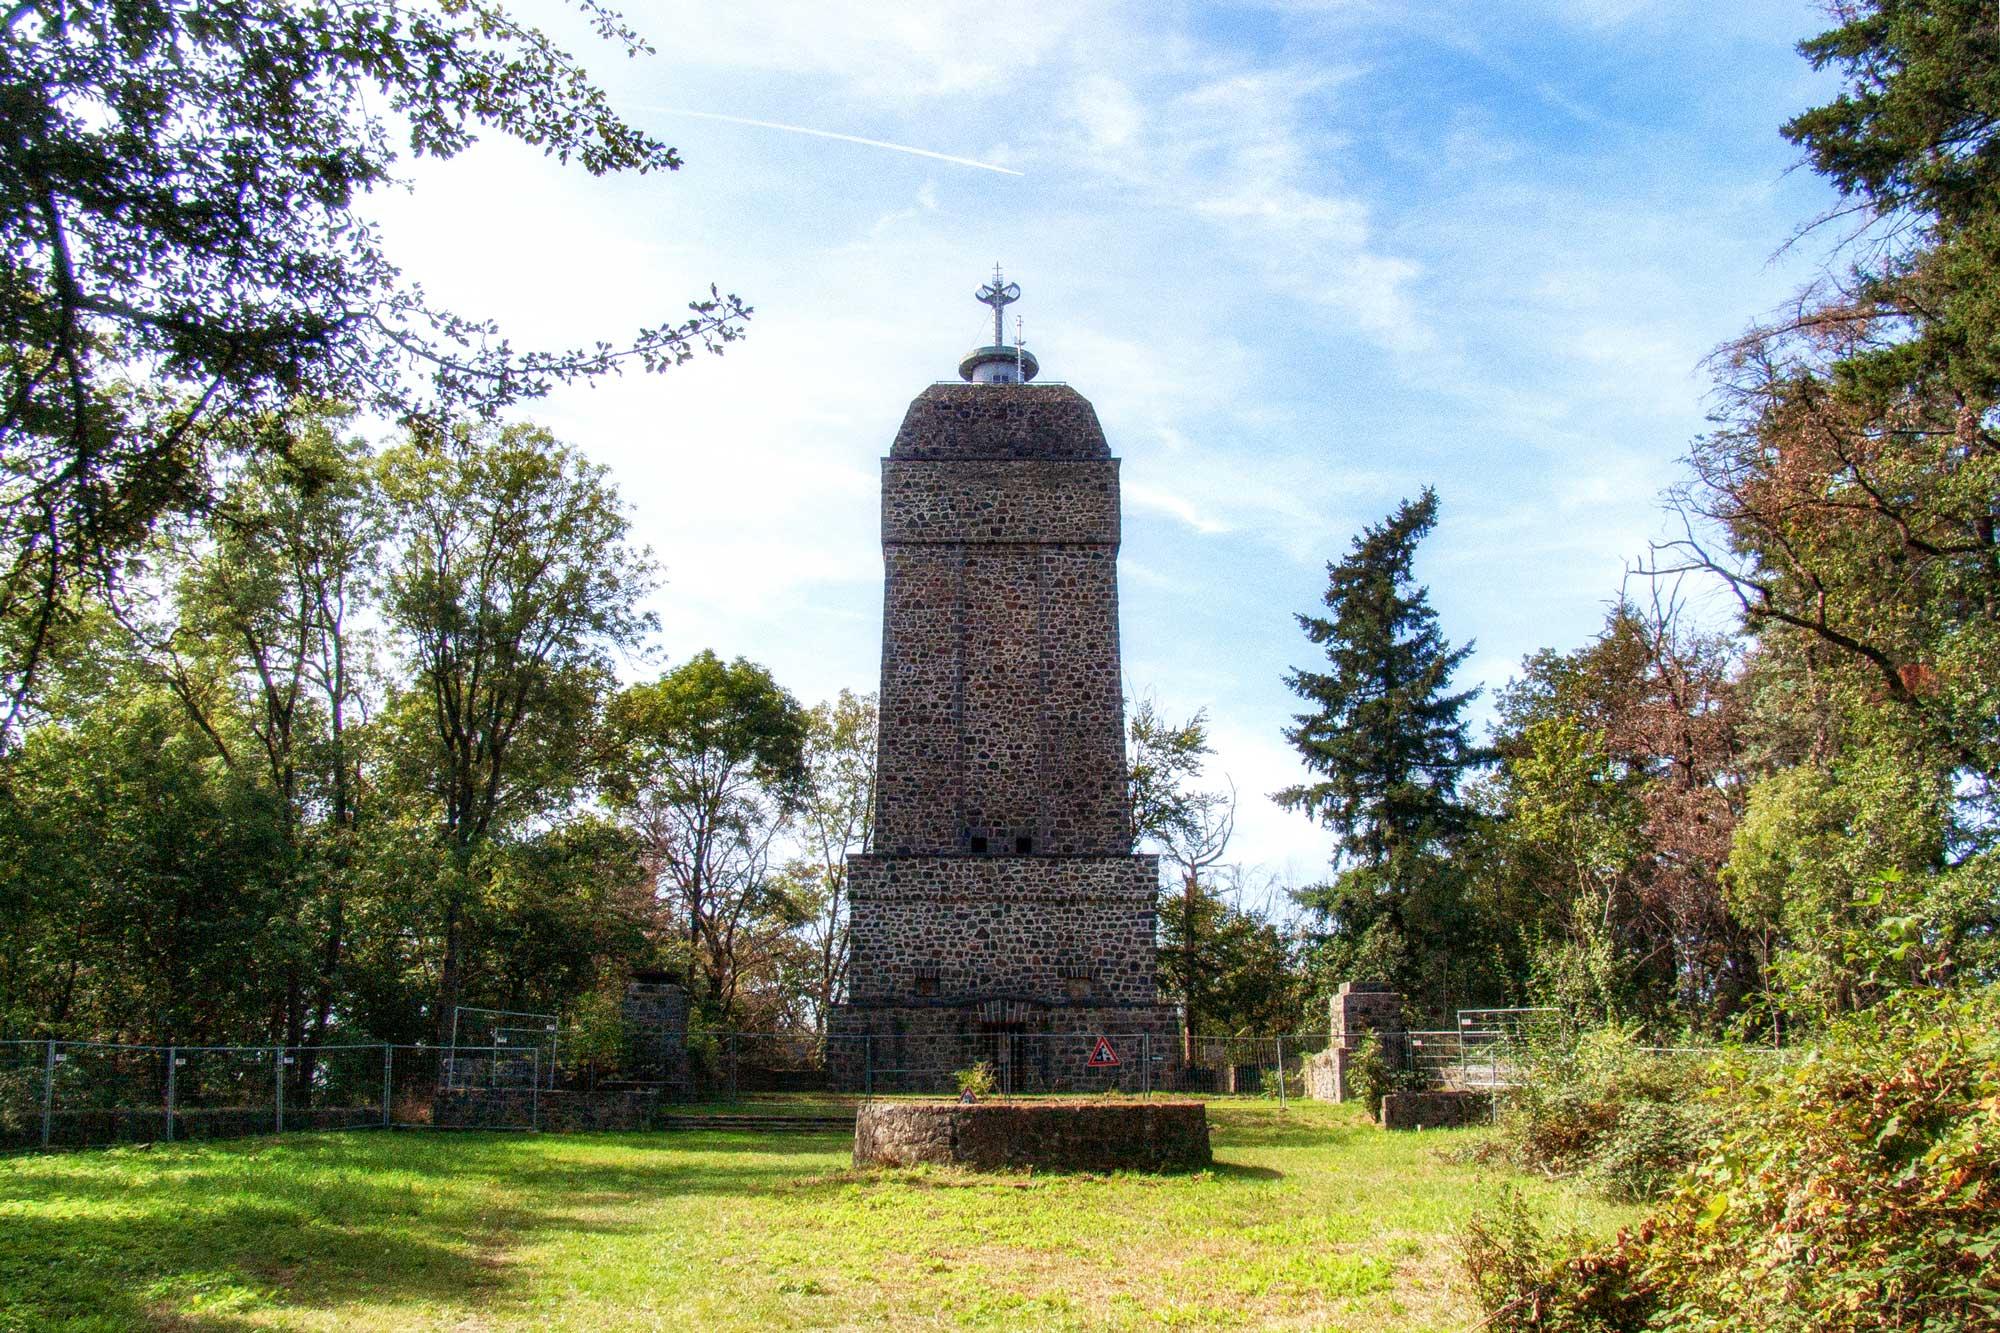 Darmstadt: Sieben-Hügel-Steig, Bismarckturm auf dem Dommerberg